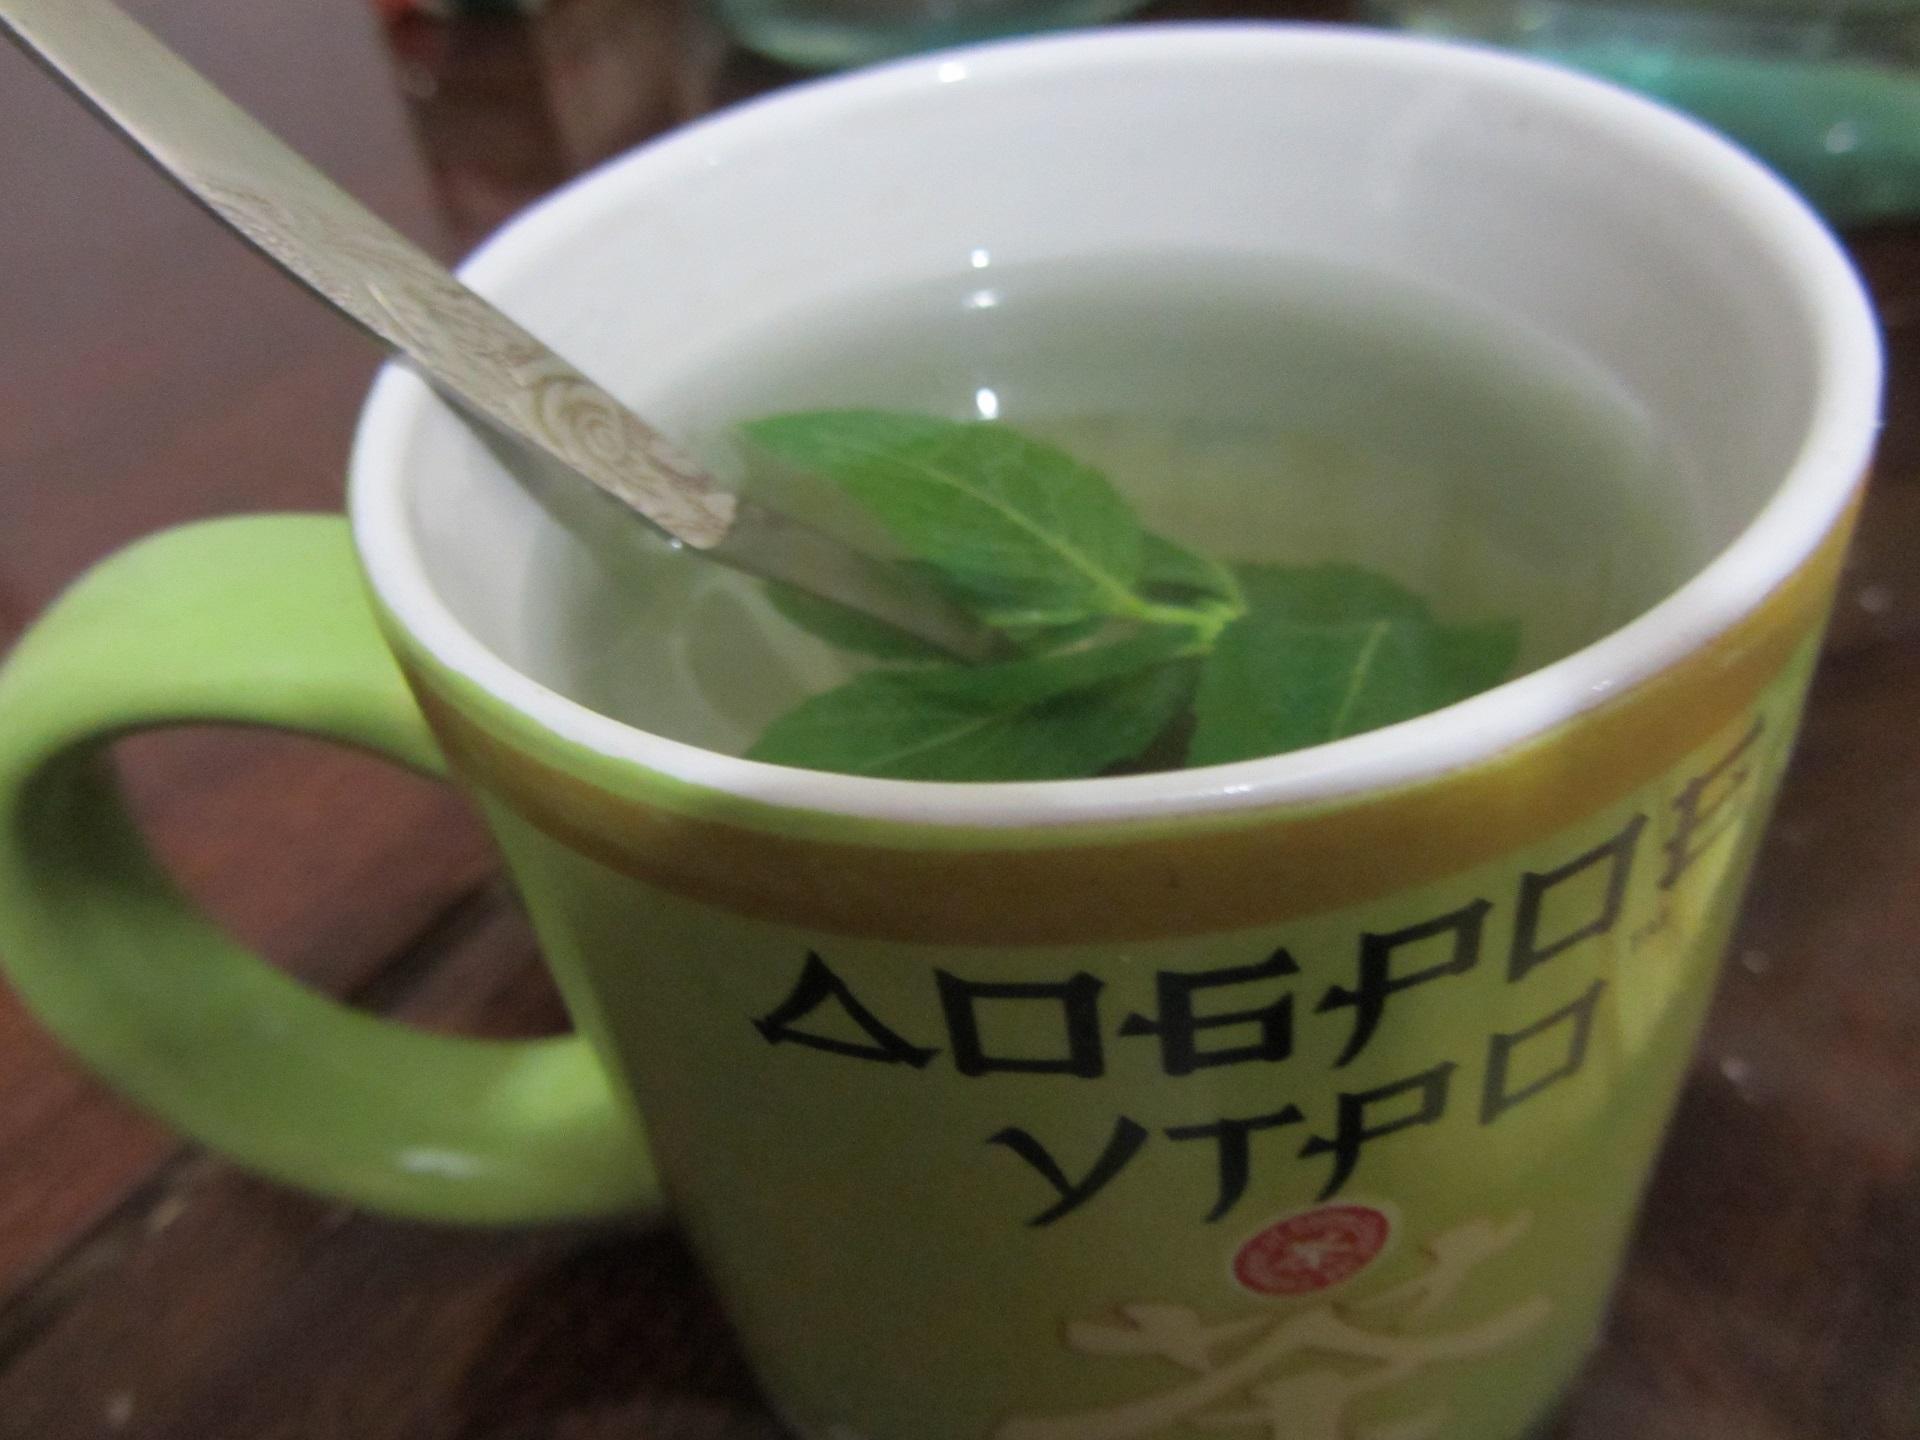 Чай с мятой и похудение, Полезен или вреден мужчинам мятный чай, Как правильно приготовить чай с мятой, Противопоказания и вред мятного чая, С чем можно сочетать мяту в чае,